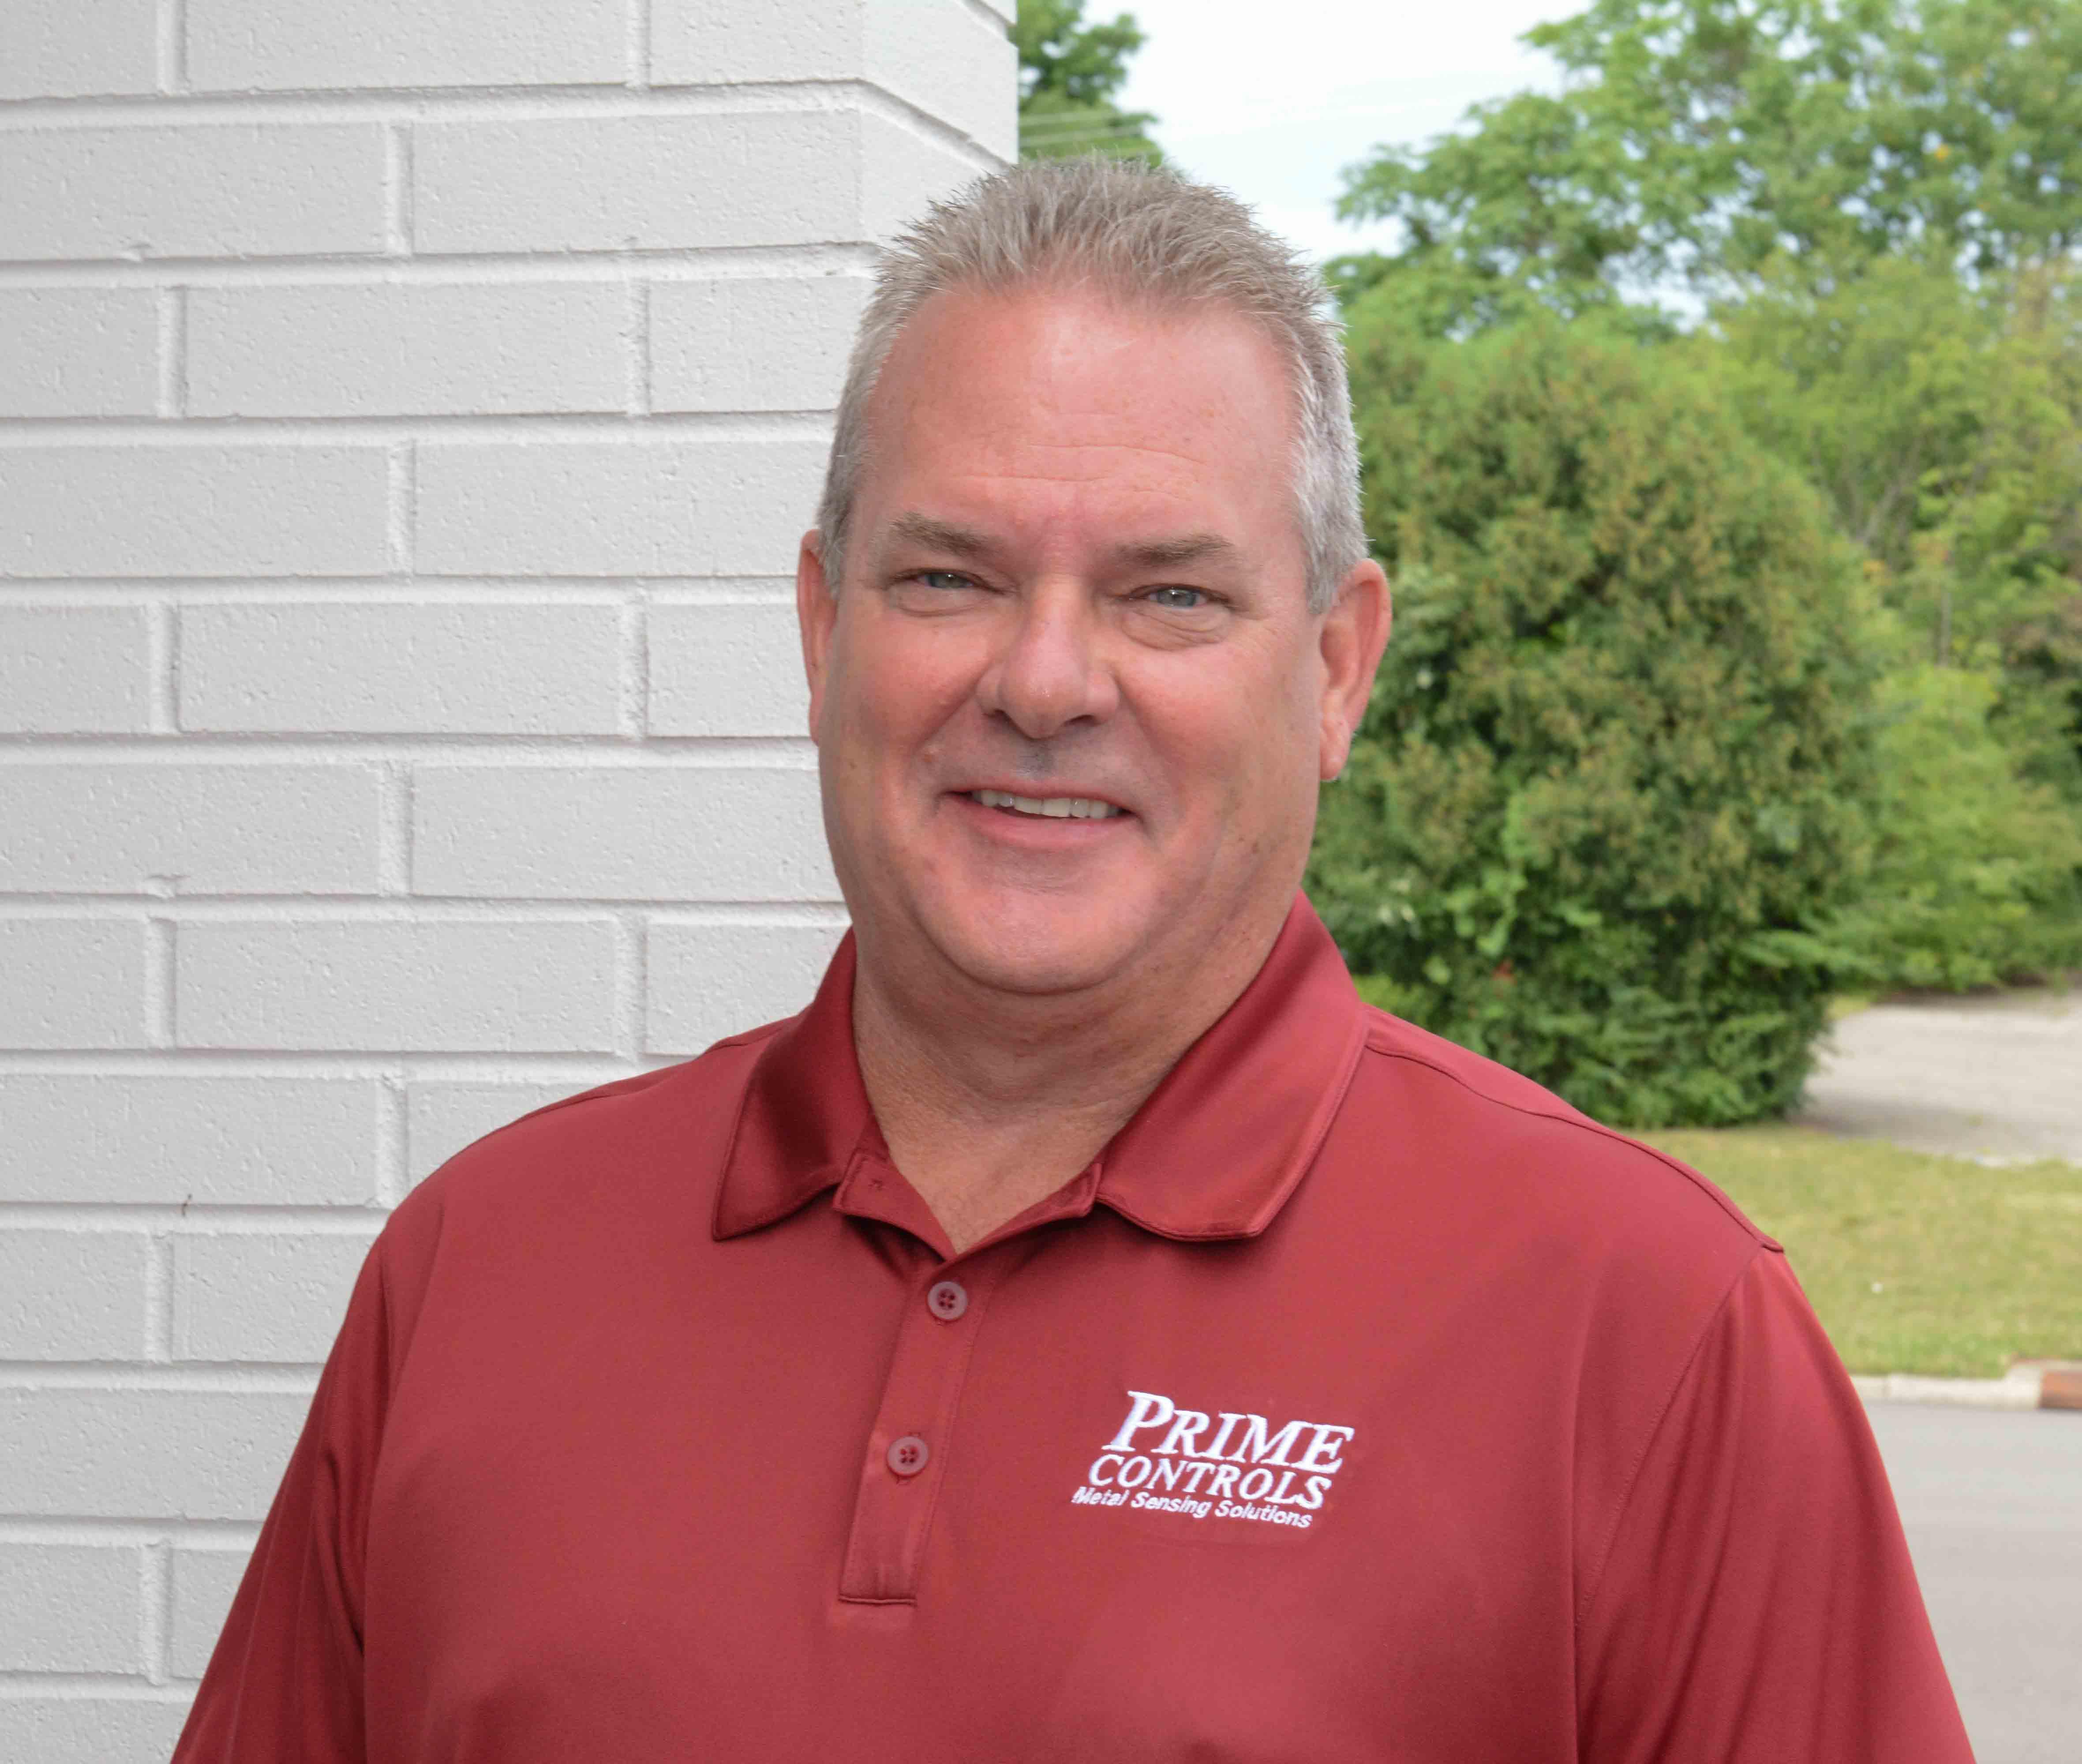 Prime Controls Staff Picture Brad  Weaver